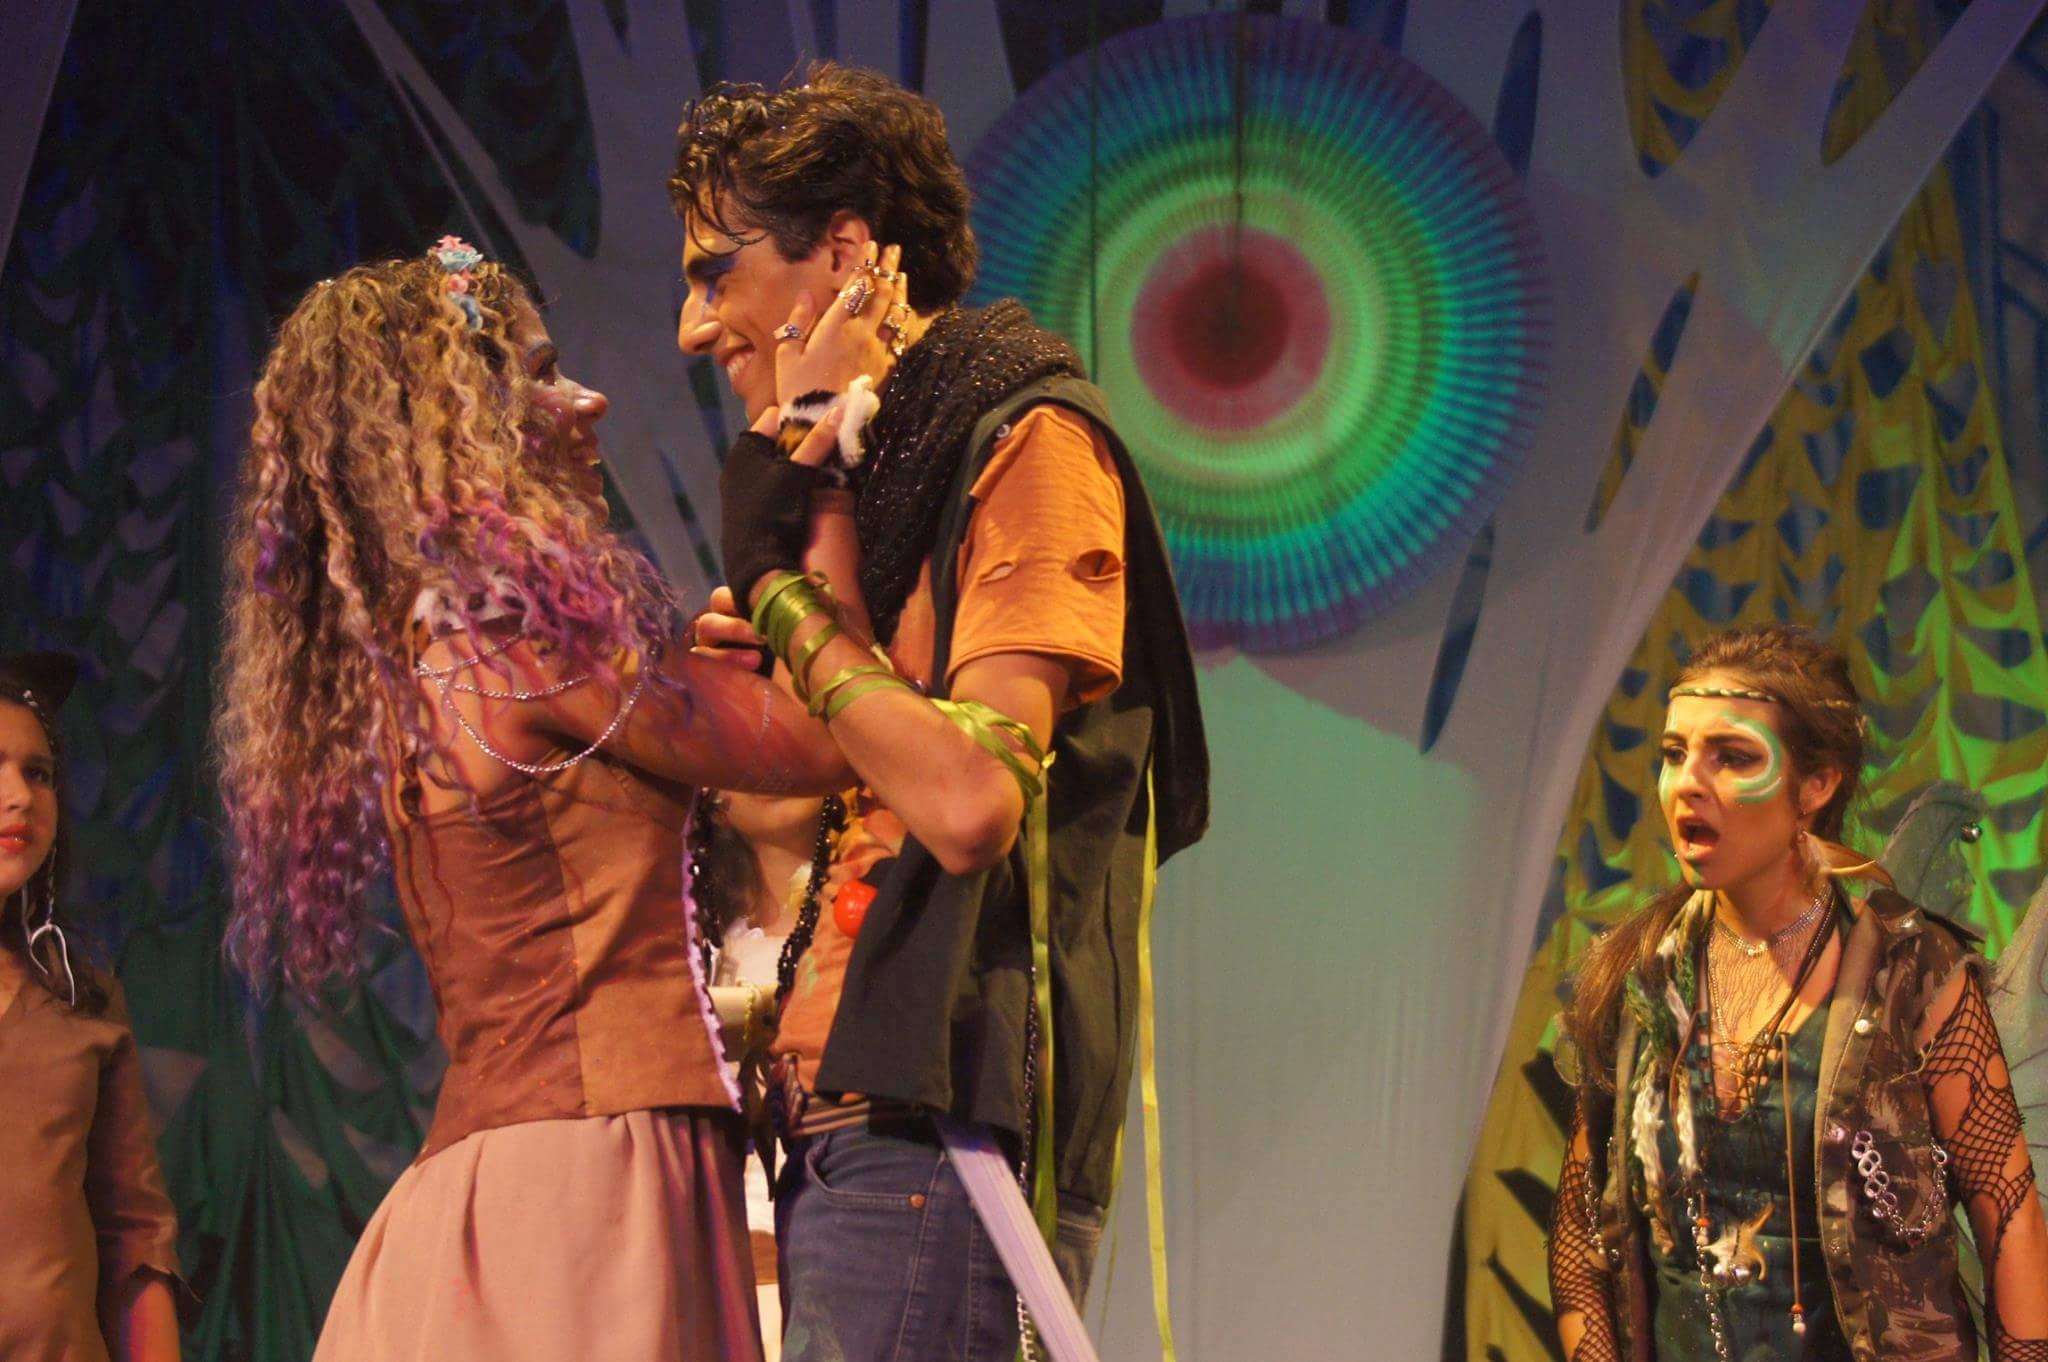 Peças de teatro, como Peter Pan, estão na programação